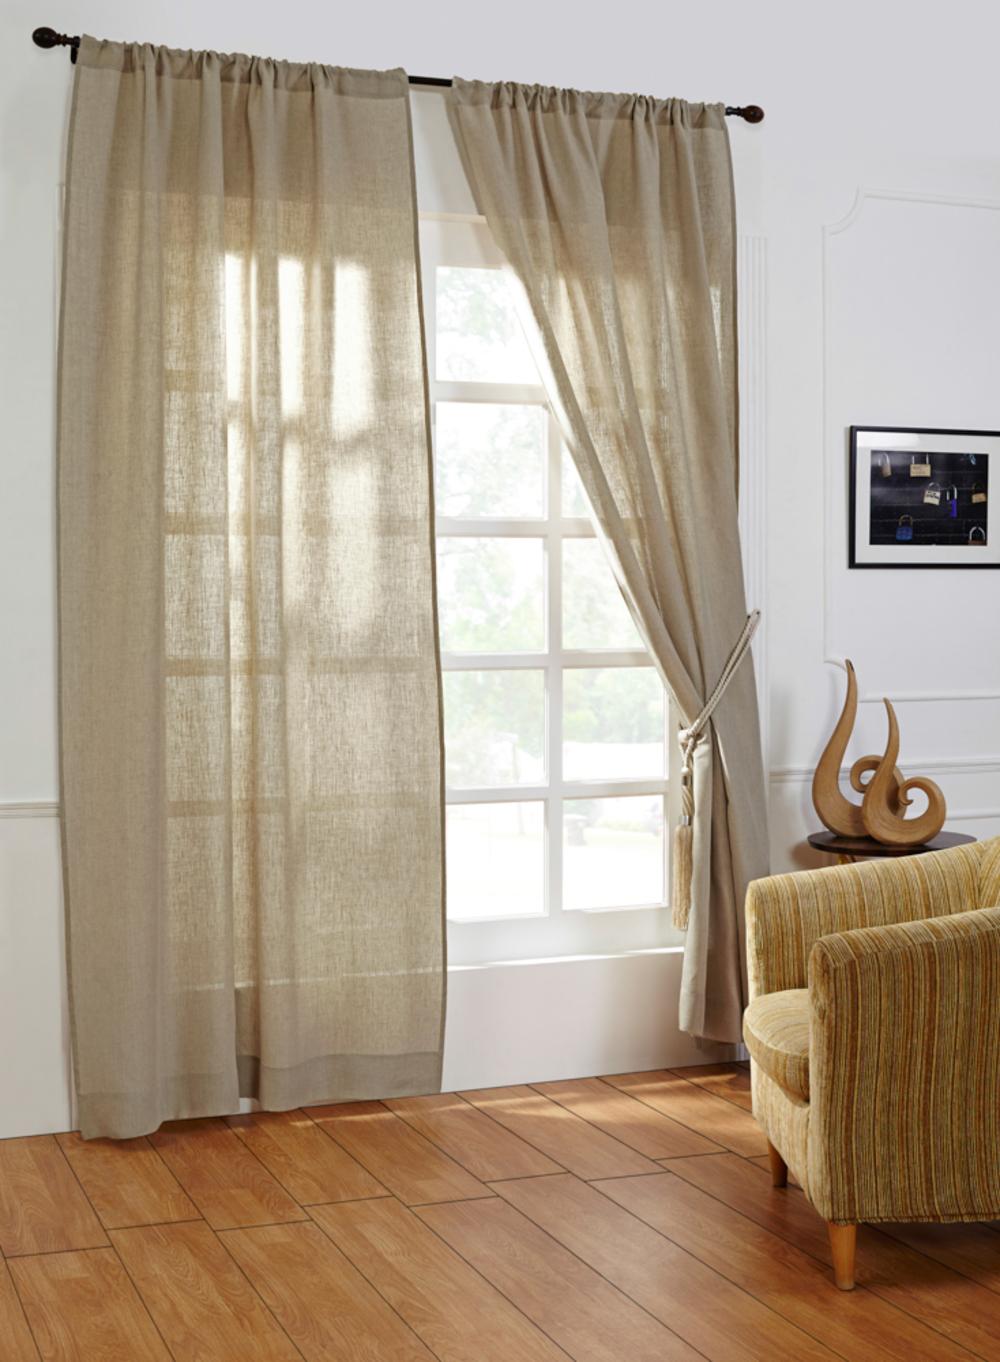 Amity Imports - Damara Natural Linen Curtains